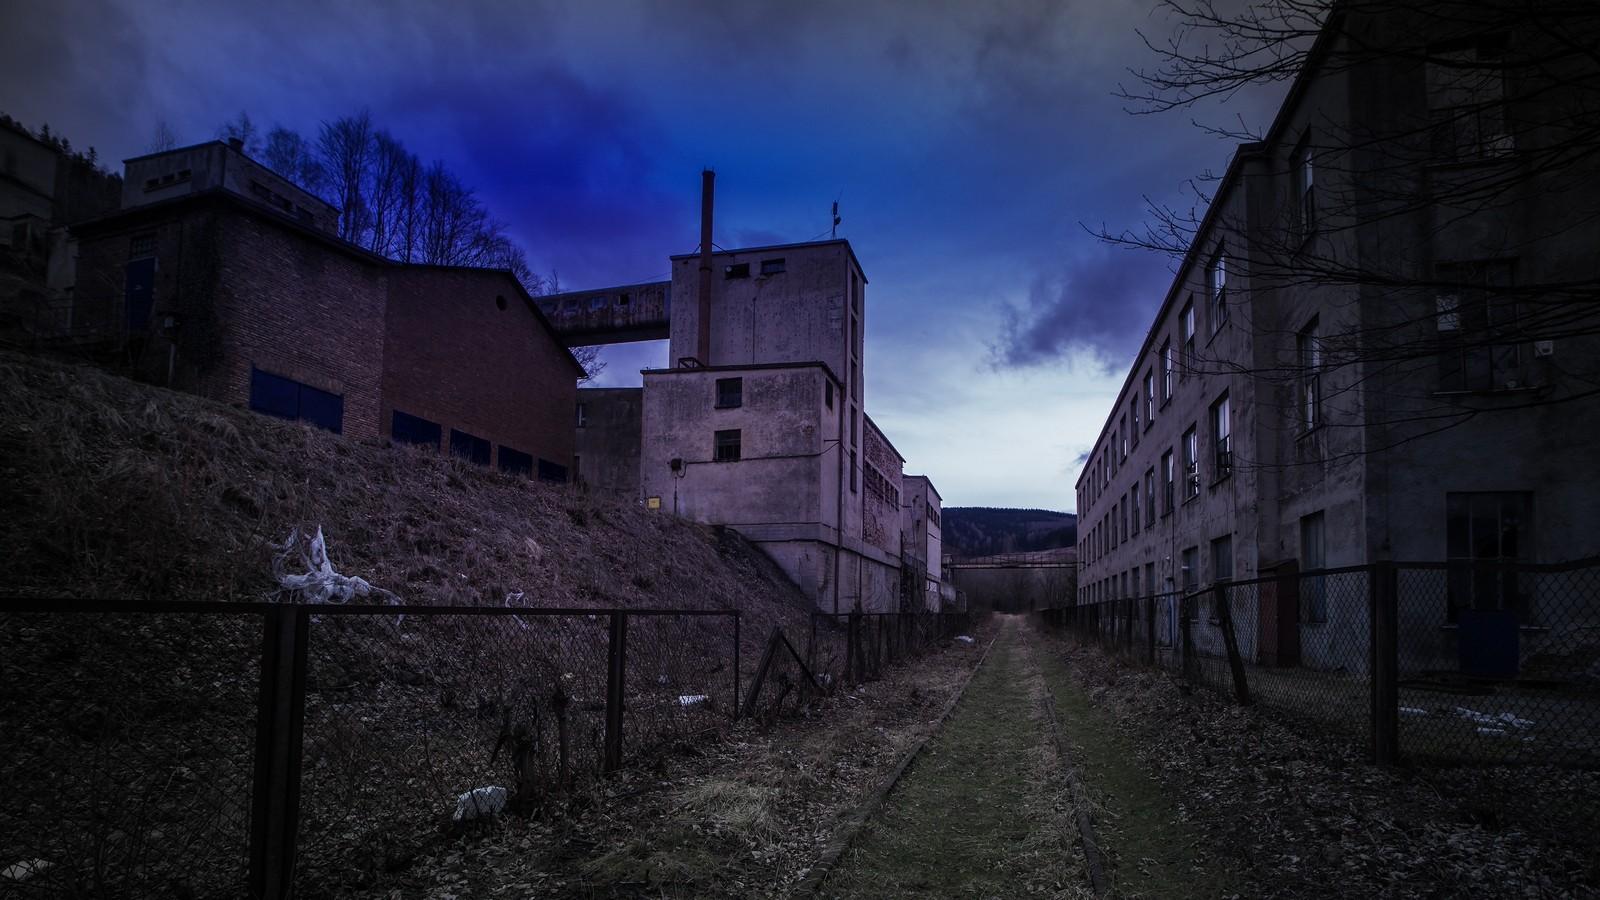 Poprzez zakłady wzbogacania uranu ikopalnię wKowarach biegła linia kolejowa Jelenia Góra - Wałbrzych.